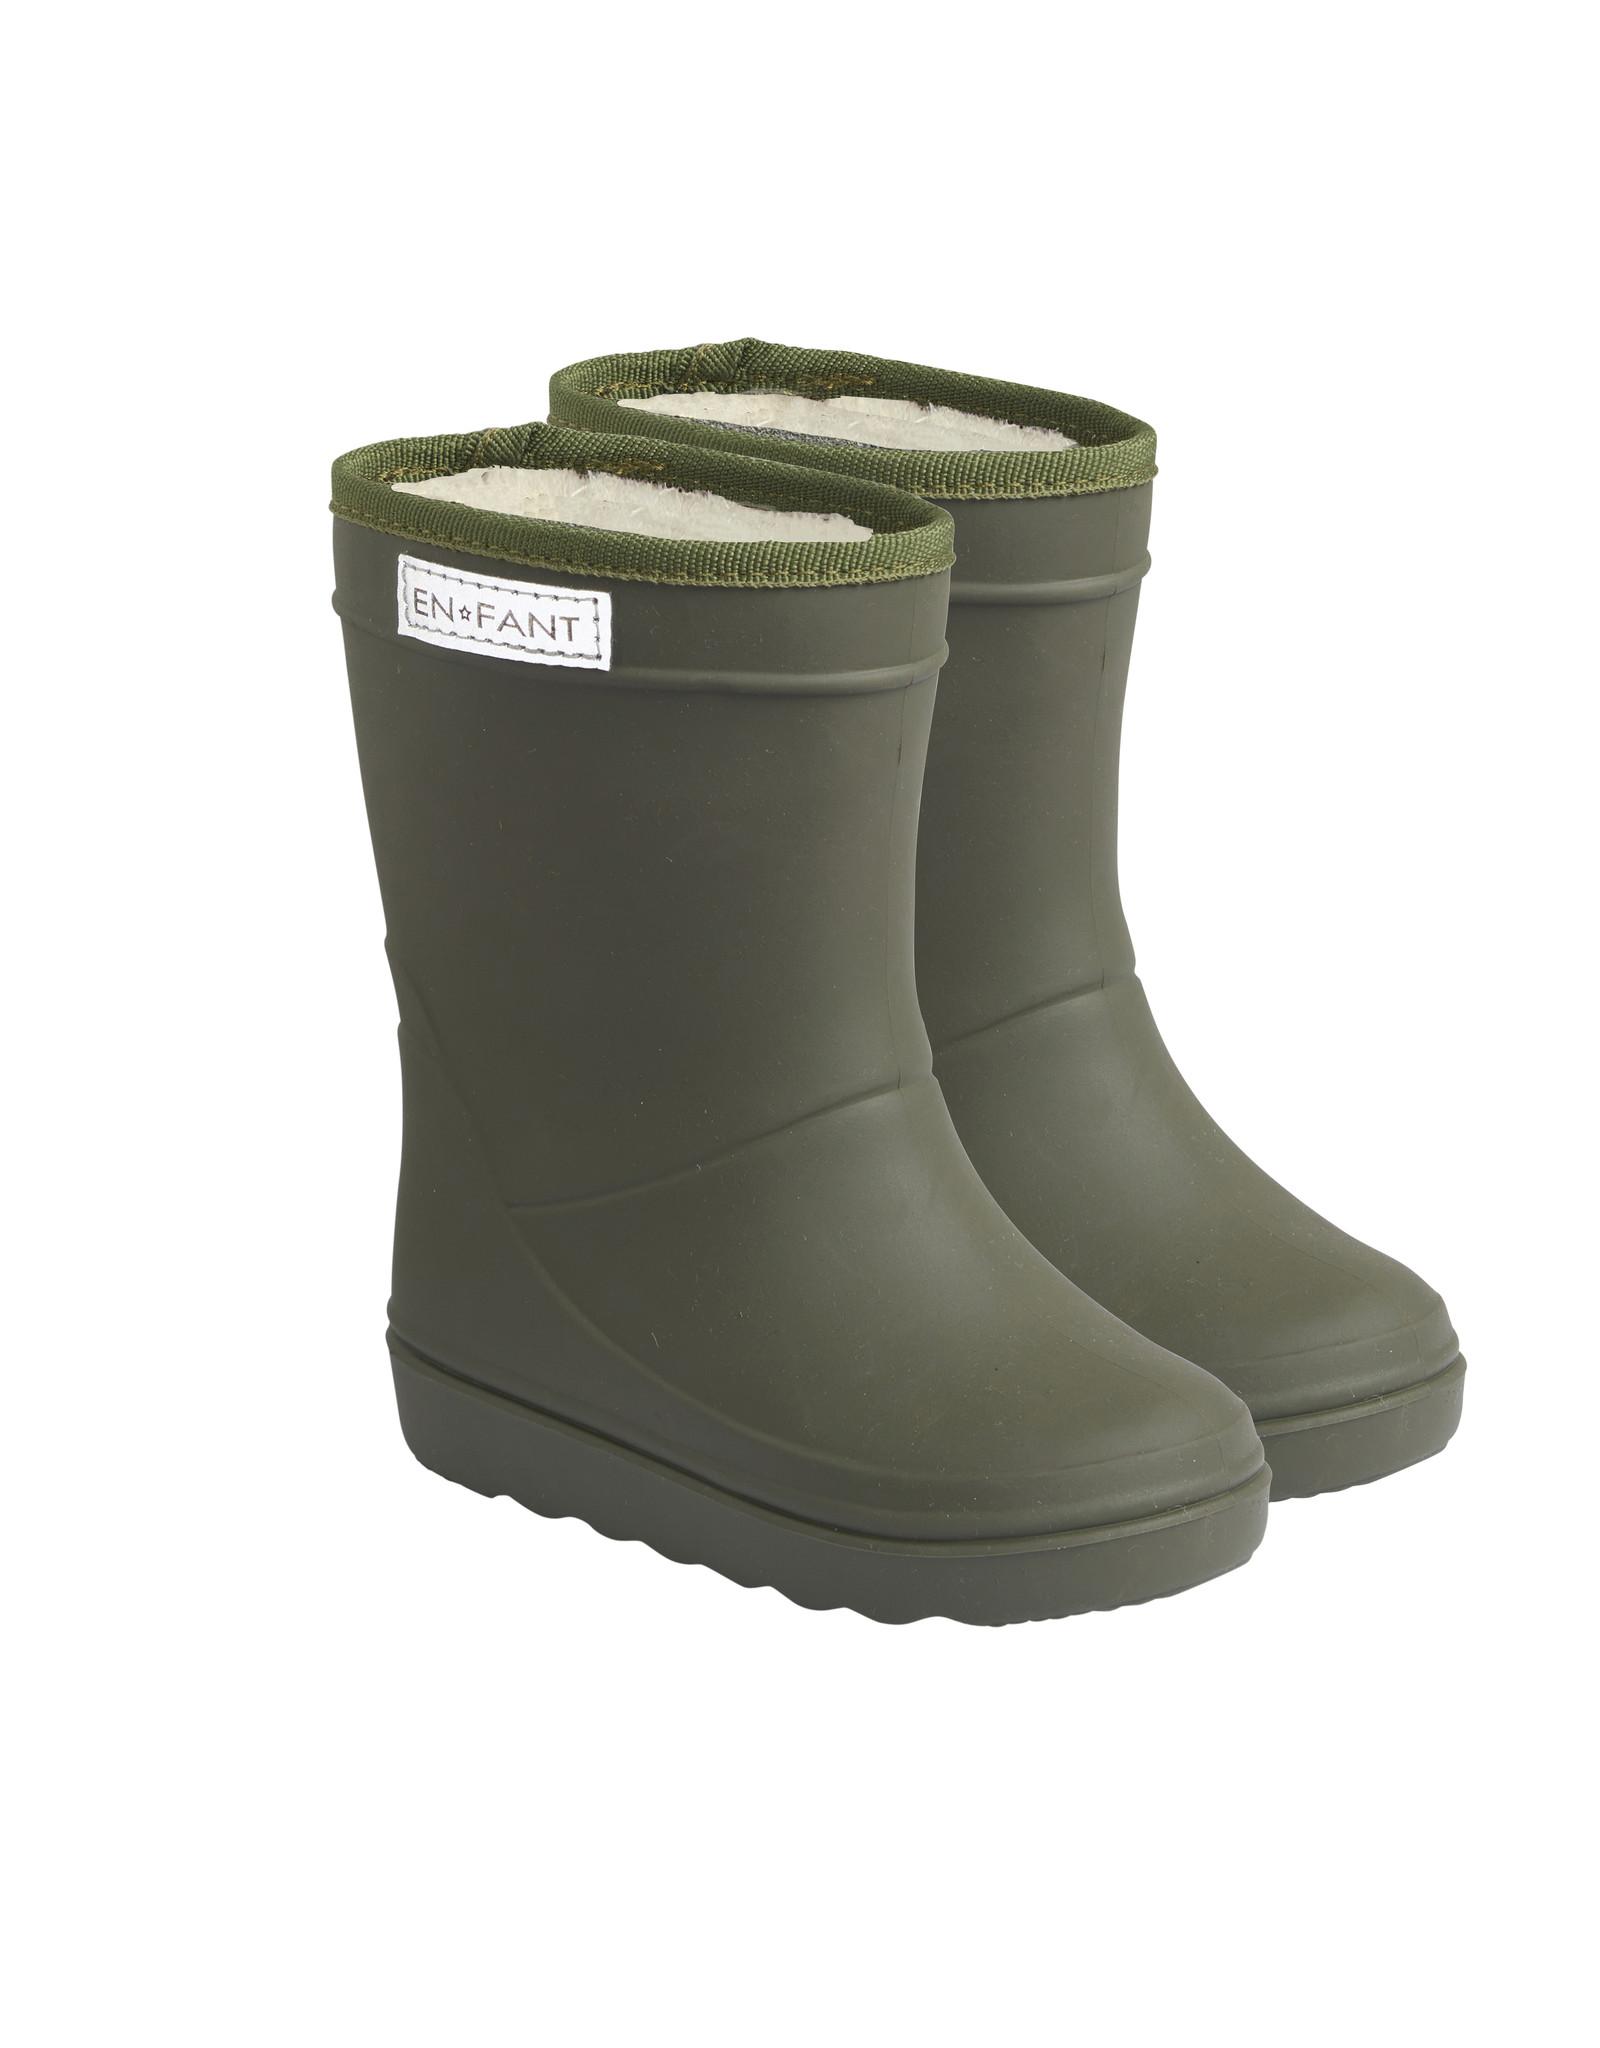 EN FANT En Fant Thermo Boots Solid Dusty Olive